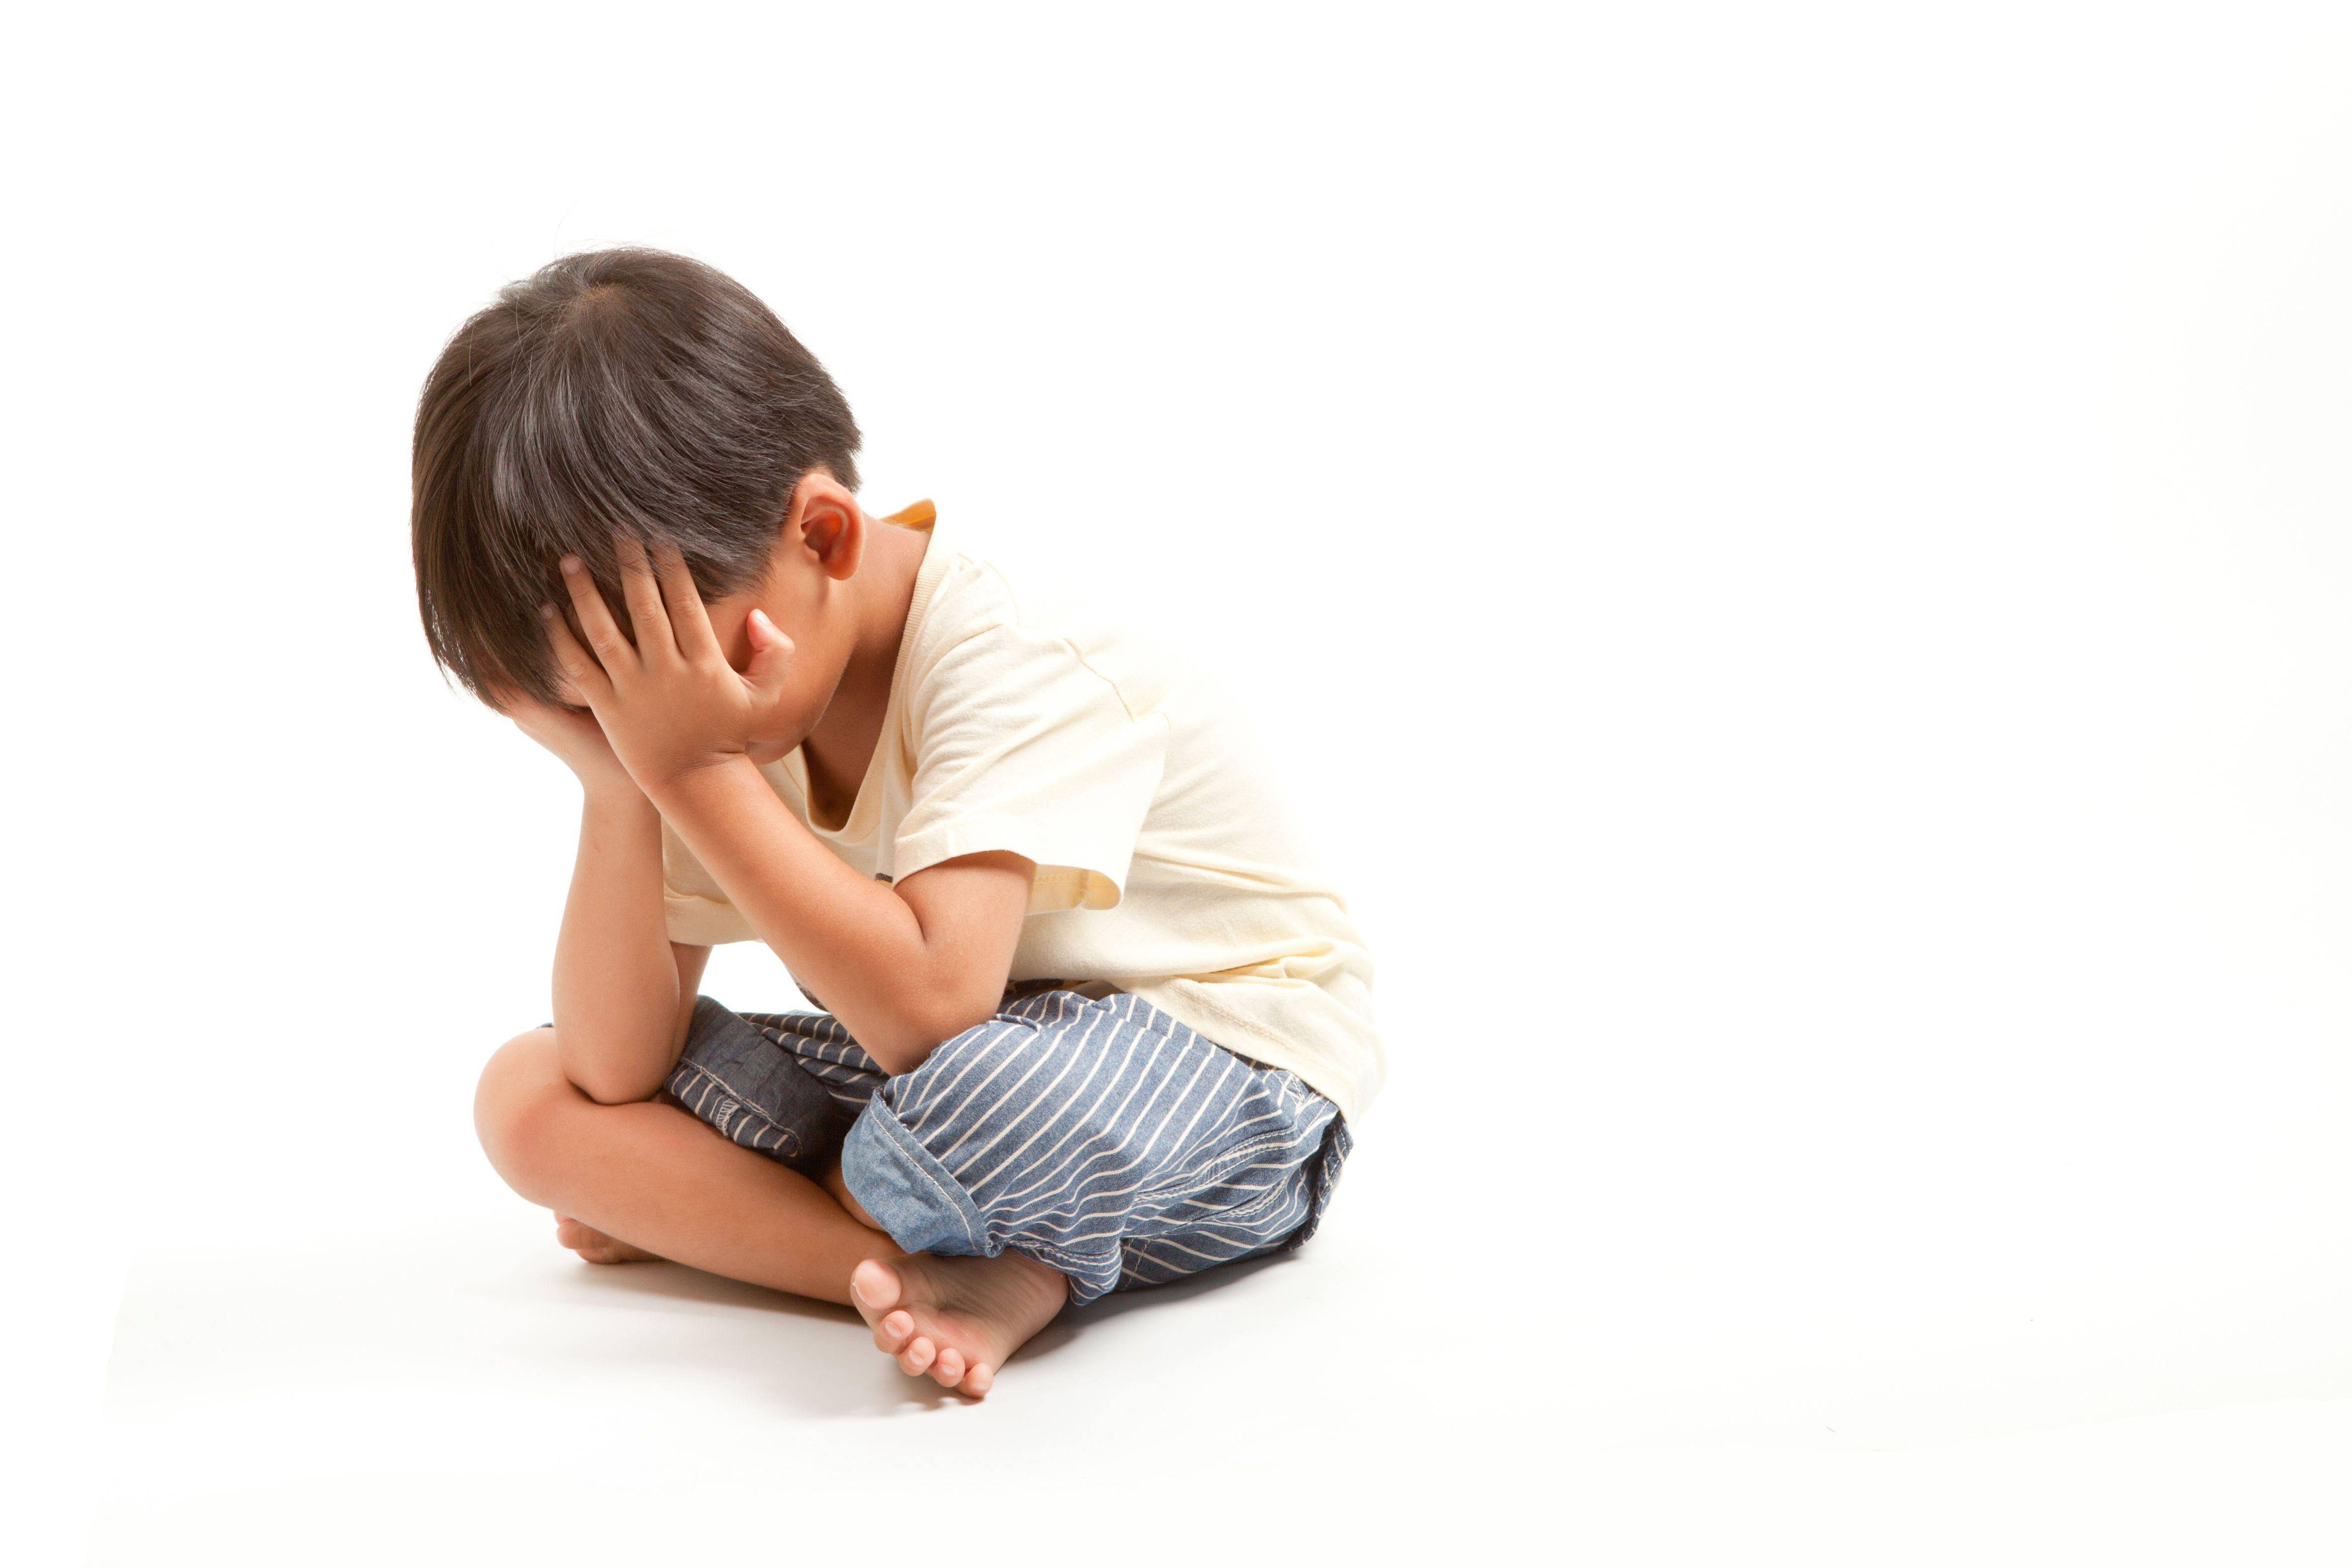 Angry sad child boy punishment ,solated on white background